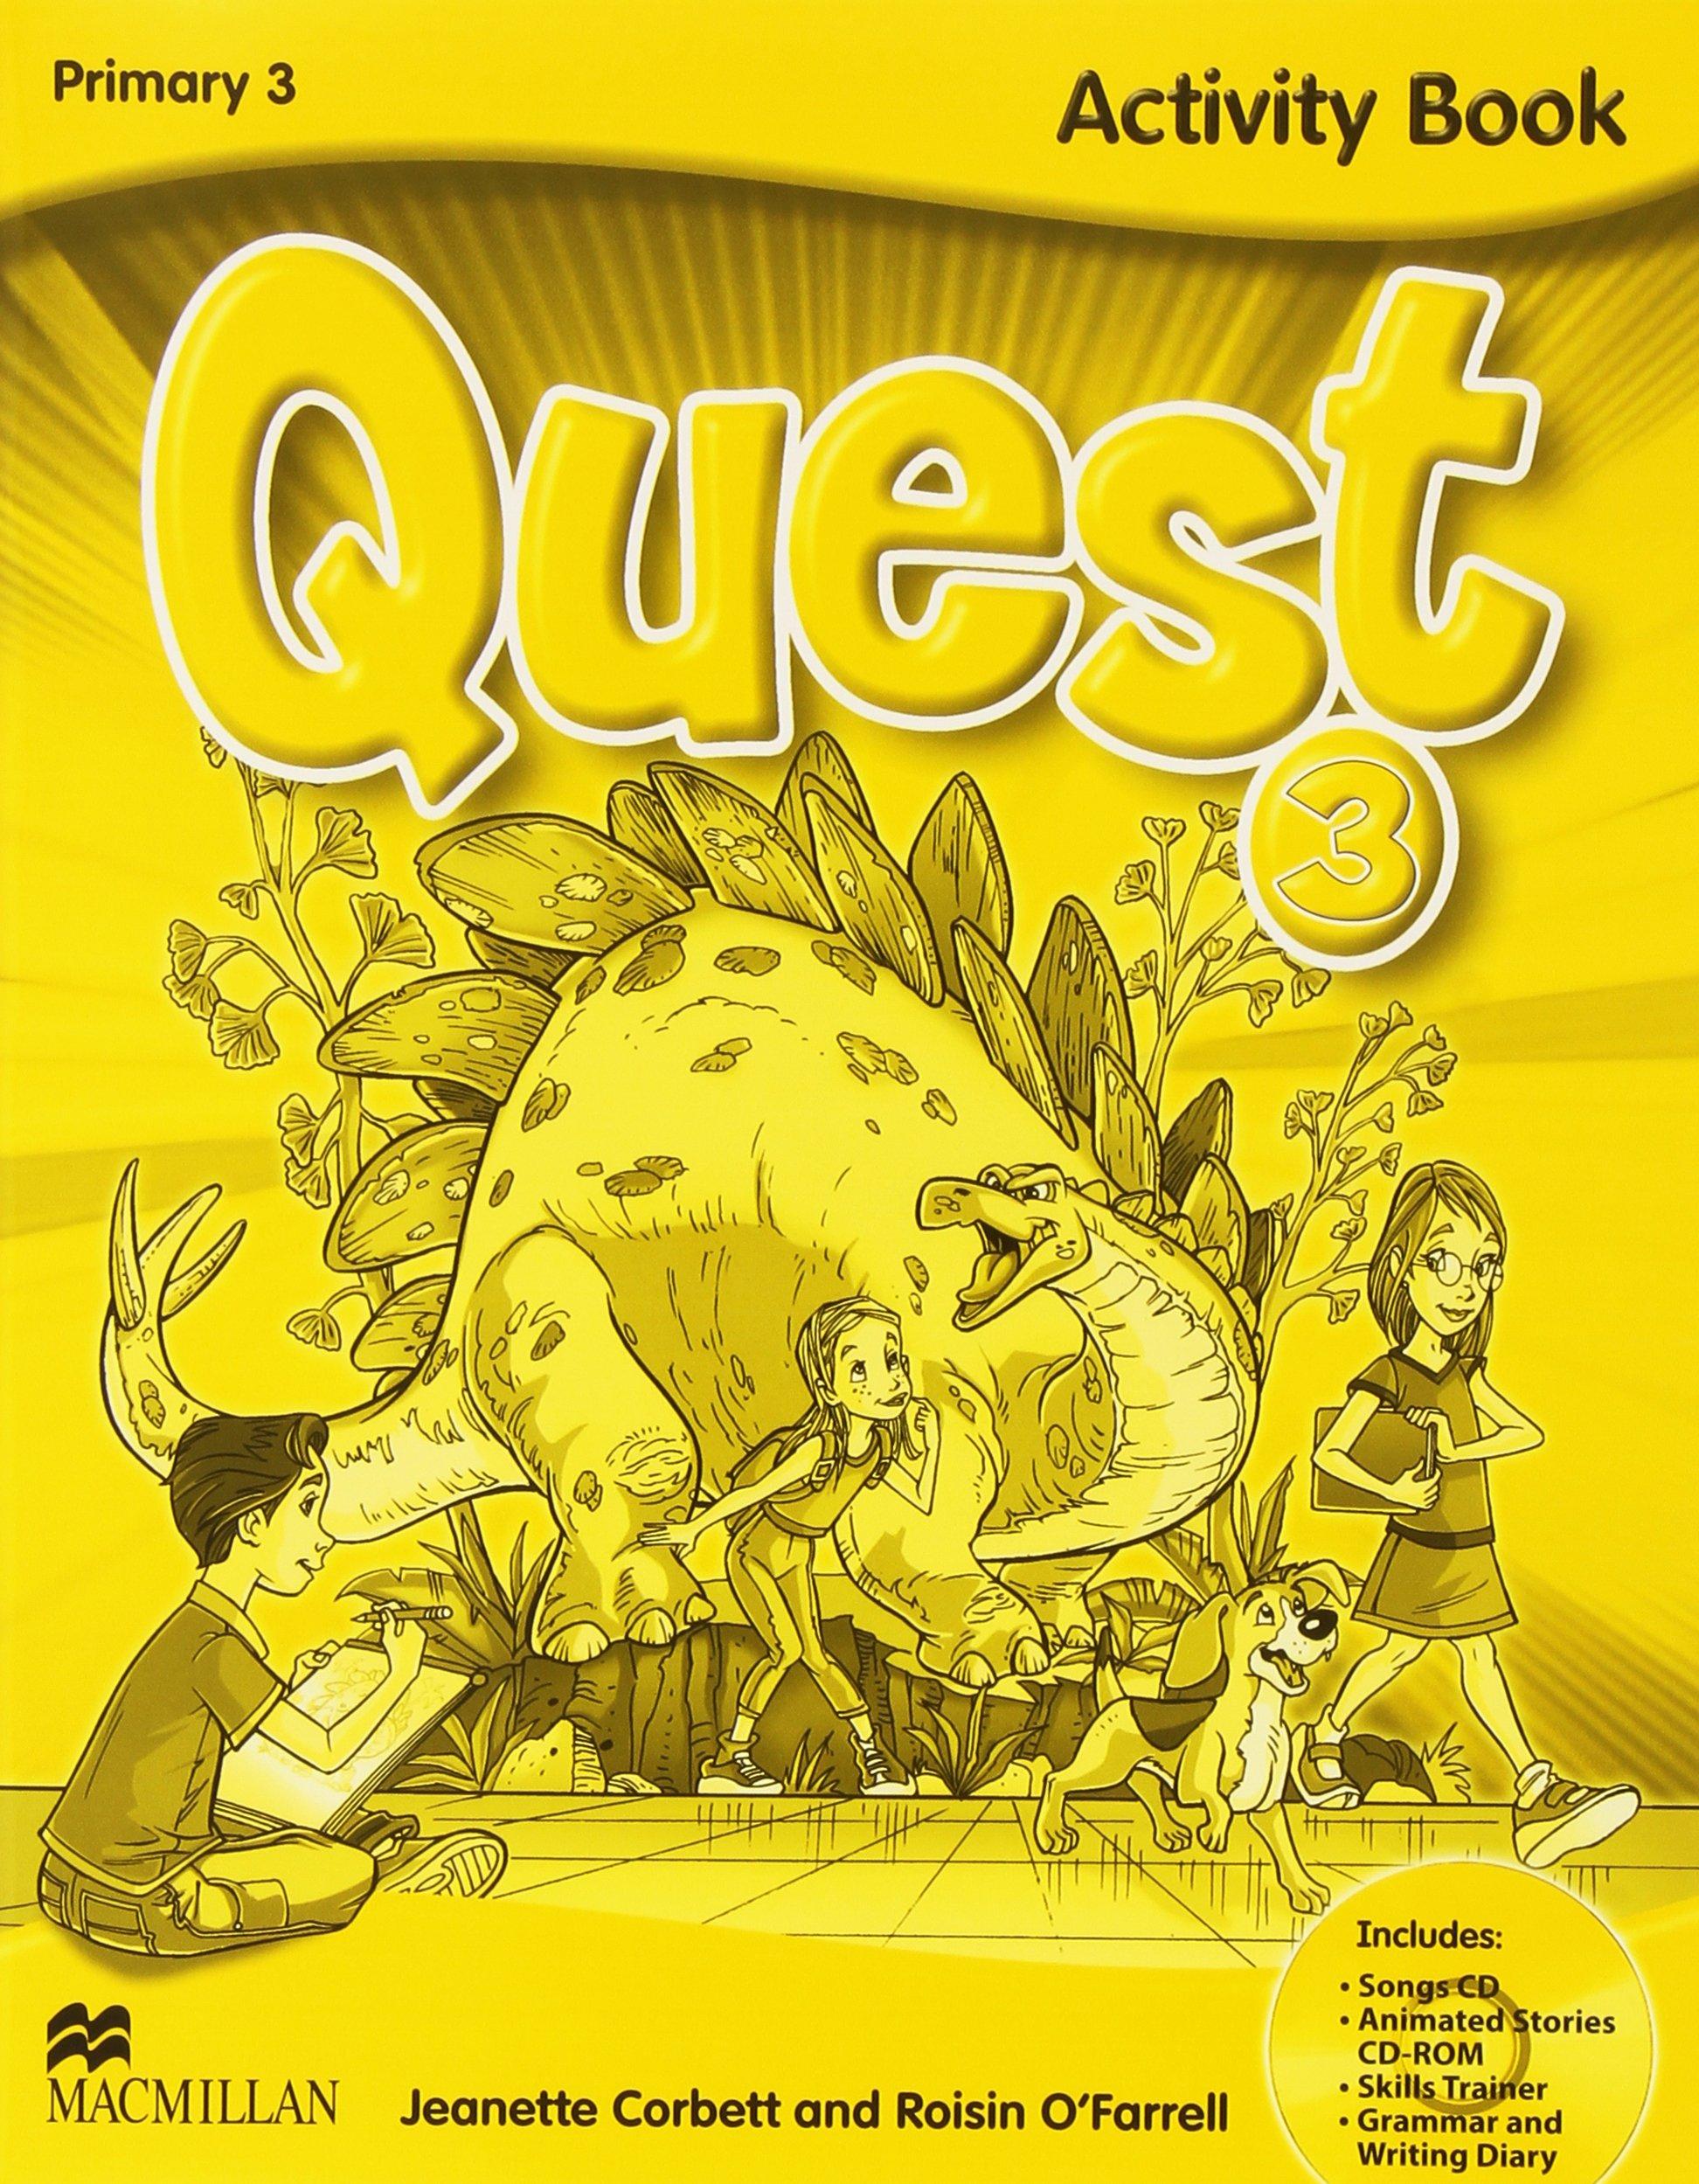 QUEST 3 Act Pack 2015 (Tiger) - 9780230478695: Amazon.es: Corbett, J.: Libros en idiomas extranjeros